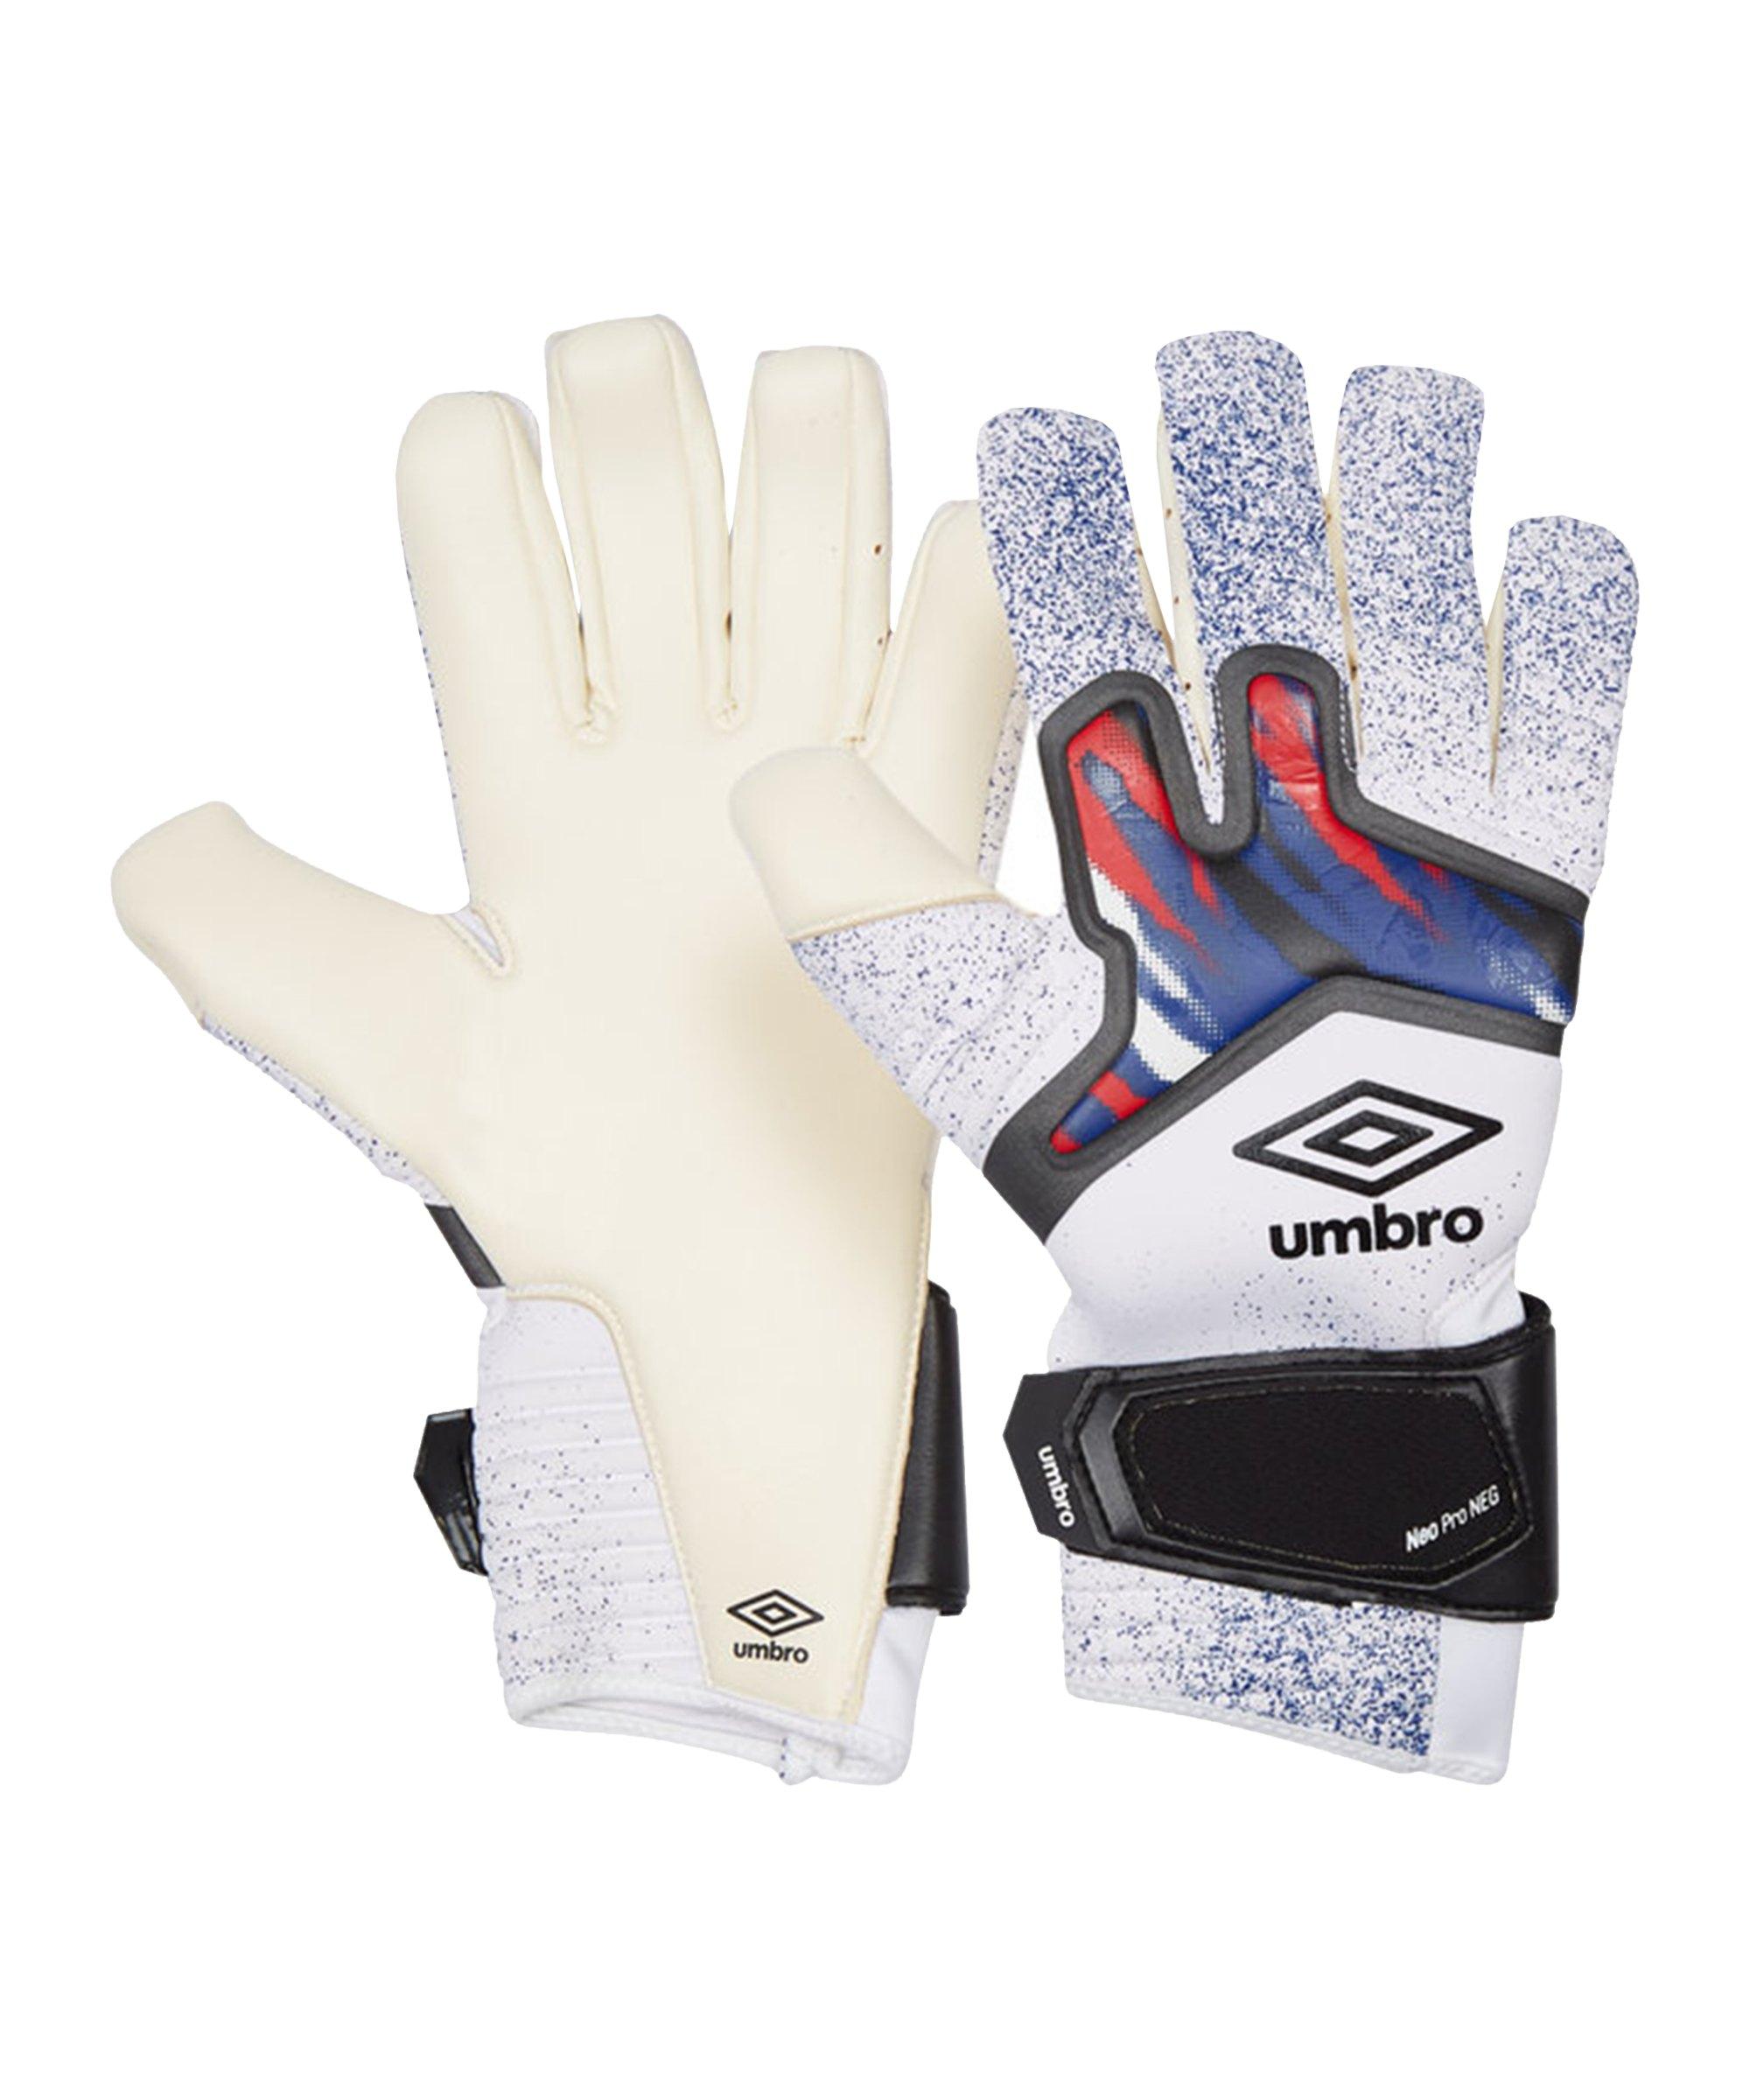 Umbro Neo Pro Neg TW-Handschuh Weiss FKE3 - Weiss